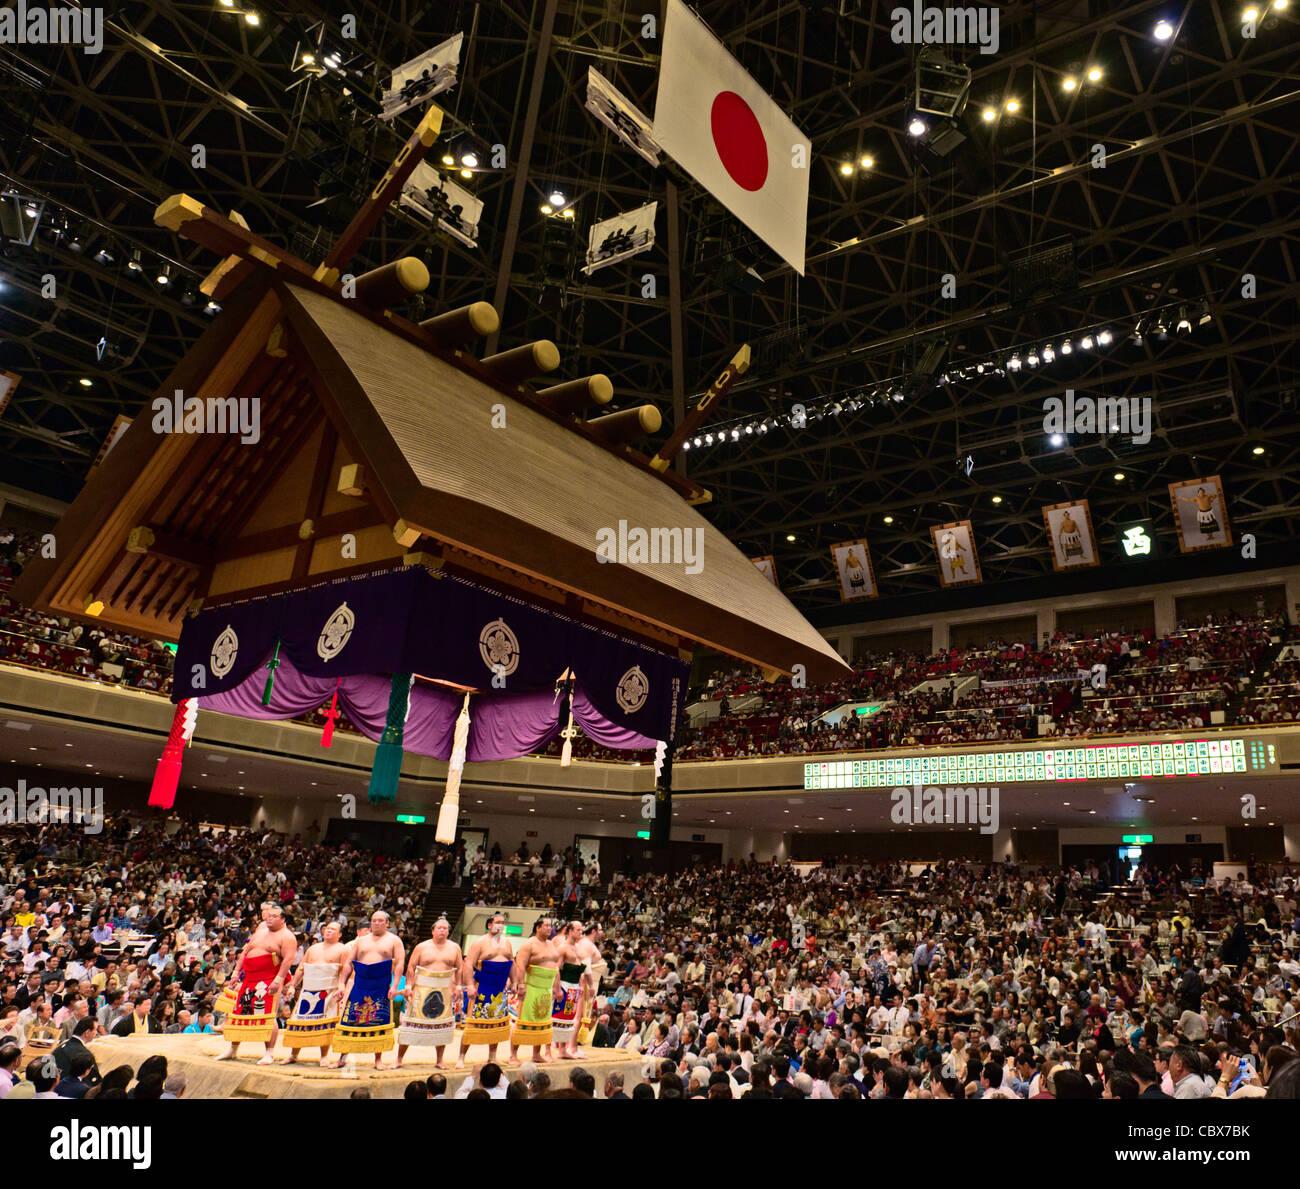 Lottatori di Sumo di eseguire un anello ingresso cerimonia - ryogoku kokugikan, Tokyo, Giappone Immagini Stock